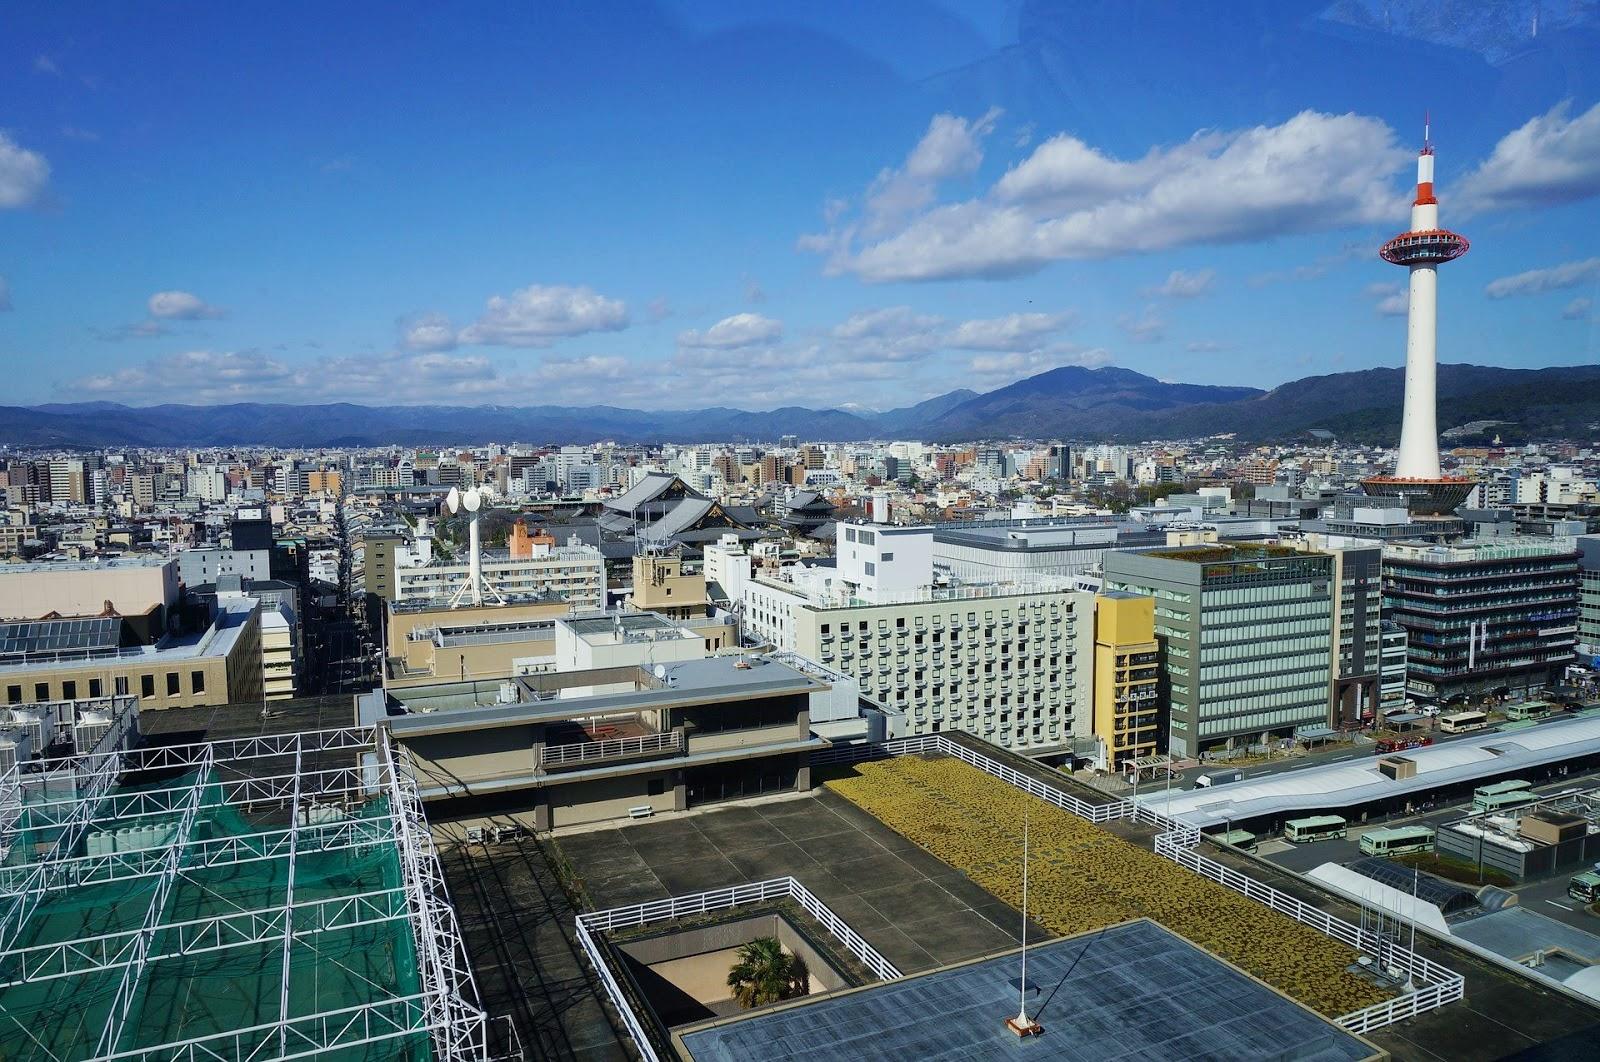 京都-京都景點-推薦-京都塔-自由行-旅遊-市區-京都必去景點-京都好玩景點-行程-京都必遊景點-日本-Kyoto-Tower-Tourist-Attraction